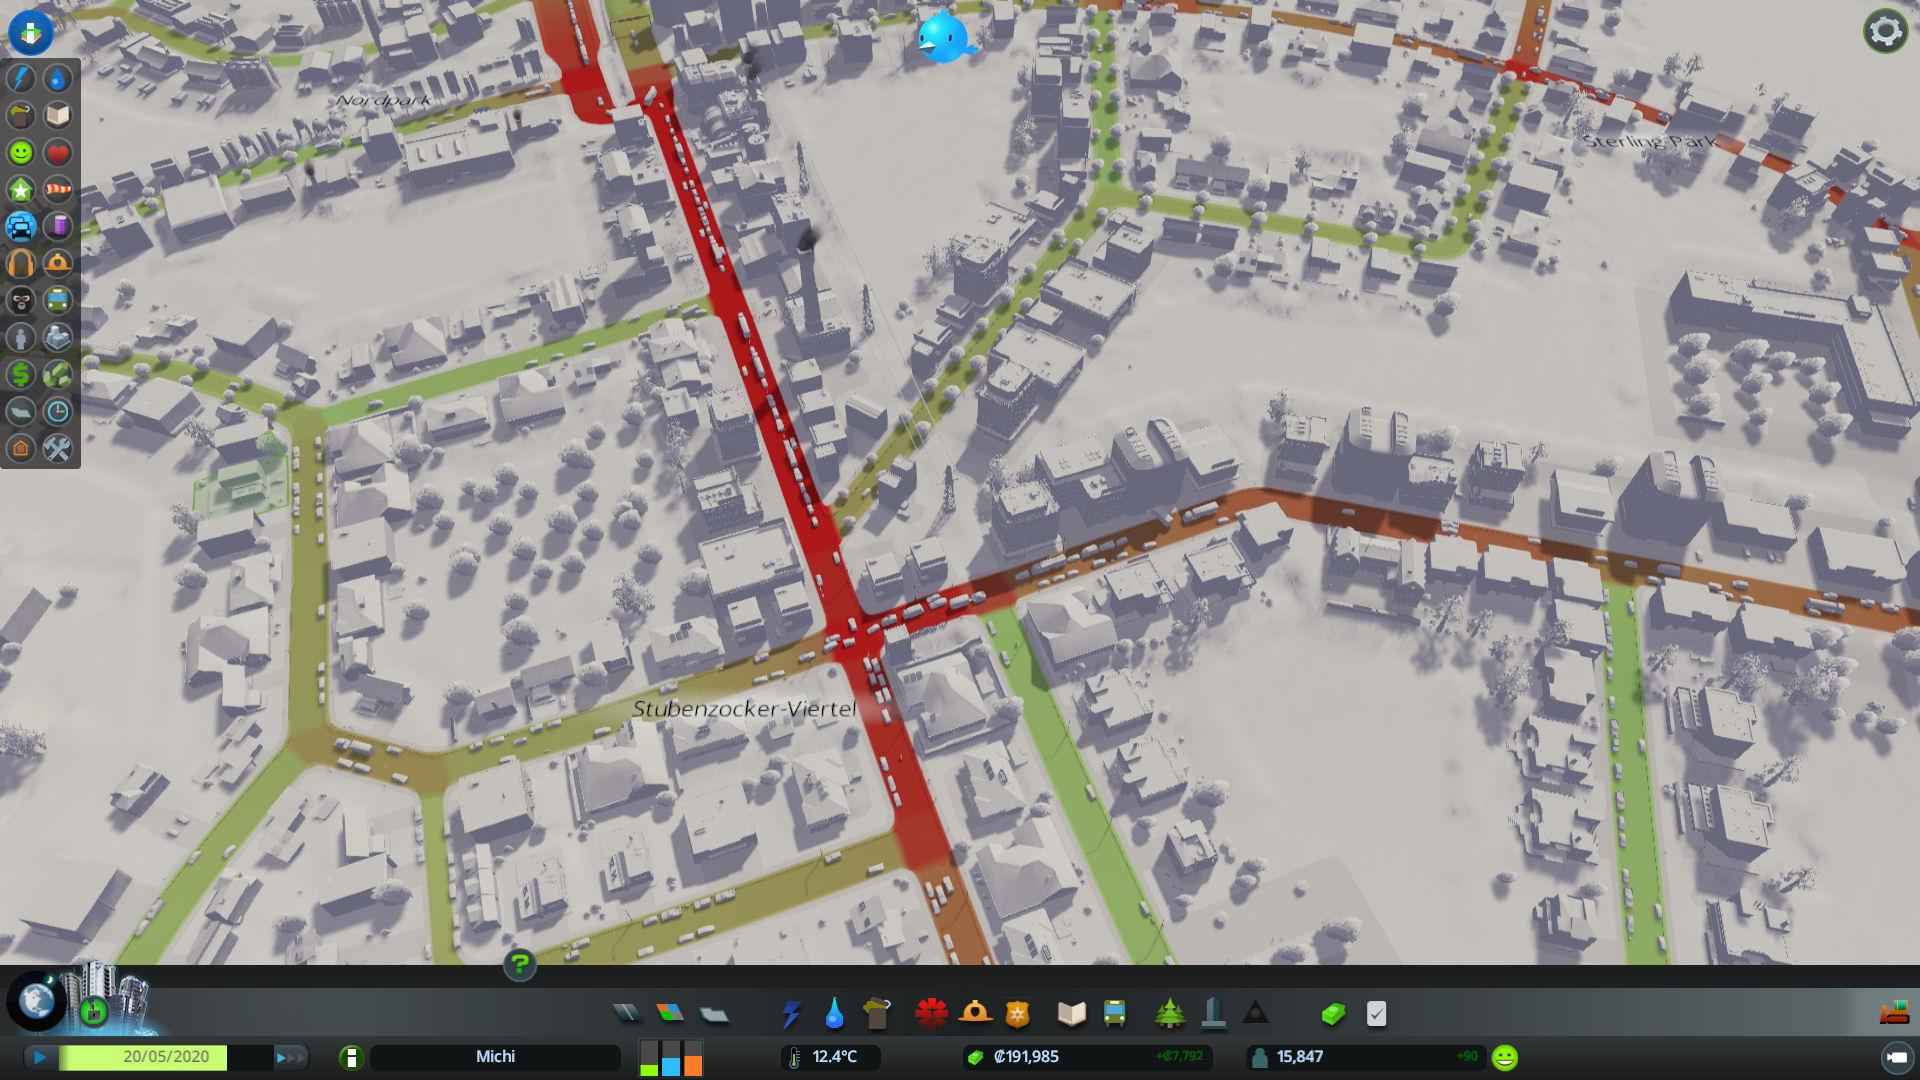 """""""Stressig"""" wird es am ehesten beim Management des Straßenbaus. Hier gibt es im Vergleich wirklich diverse Möglichkeiten seine Straßenzüge anzulegen und den resultierenden Verkehr zu kontrollieren."""